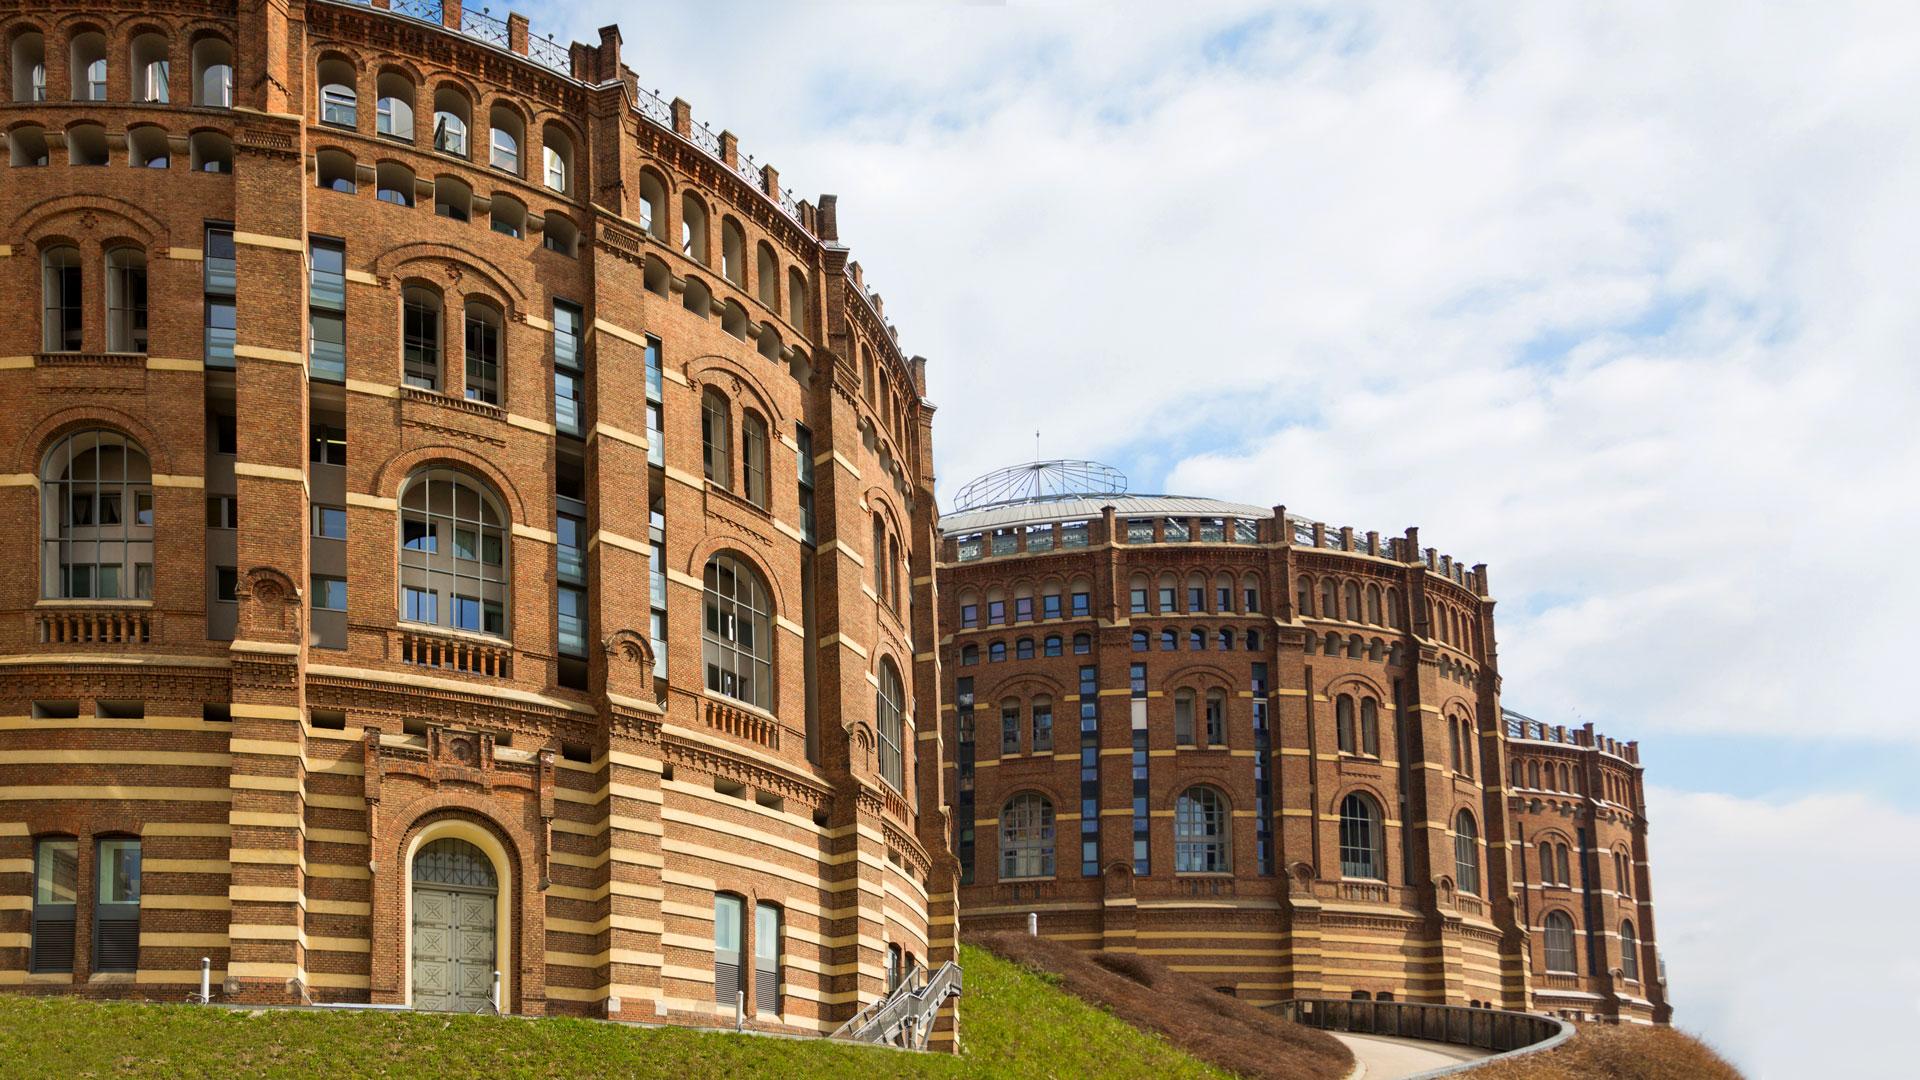 Round brick buildings